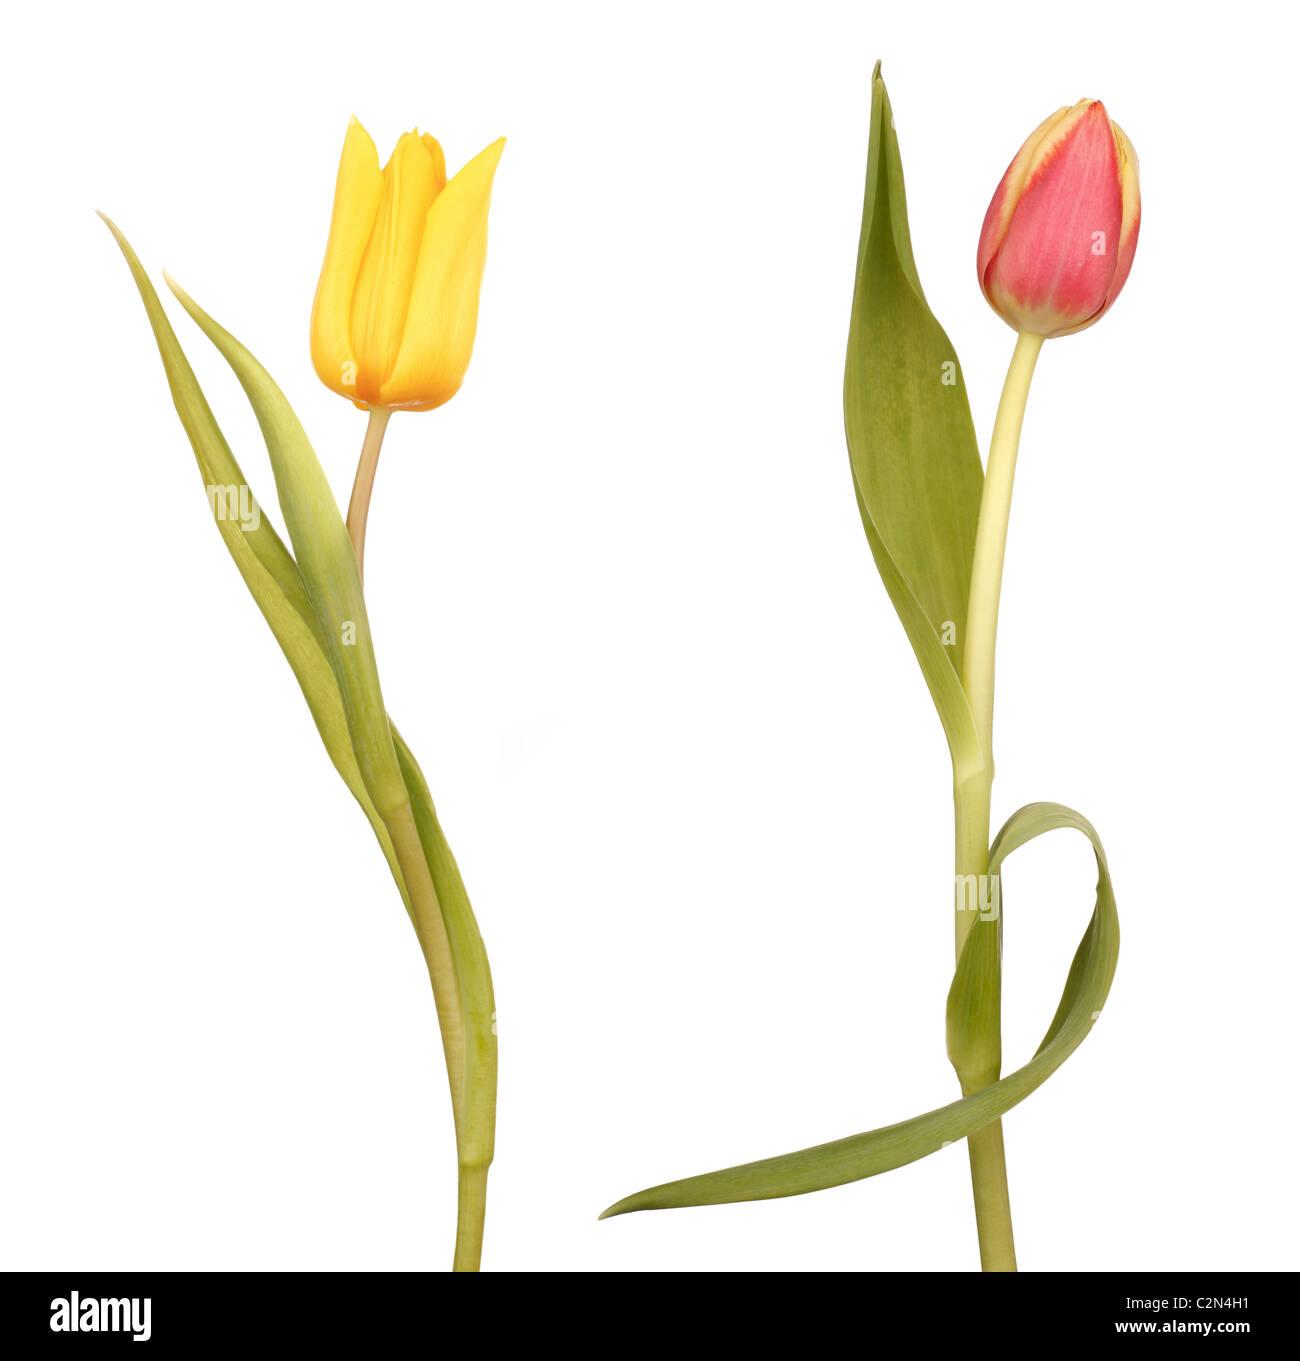 Two Dancing Tulips - Stock Image